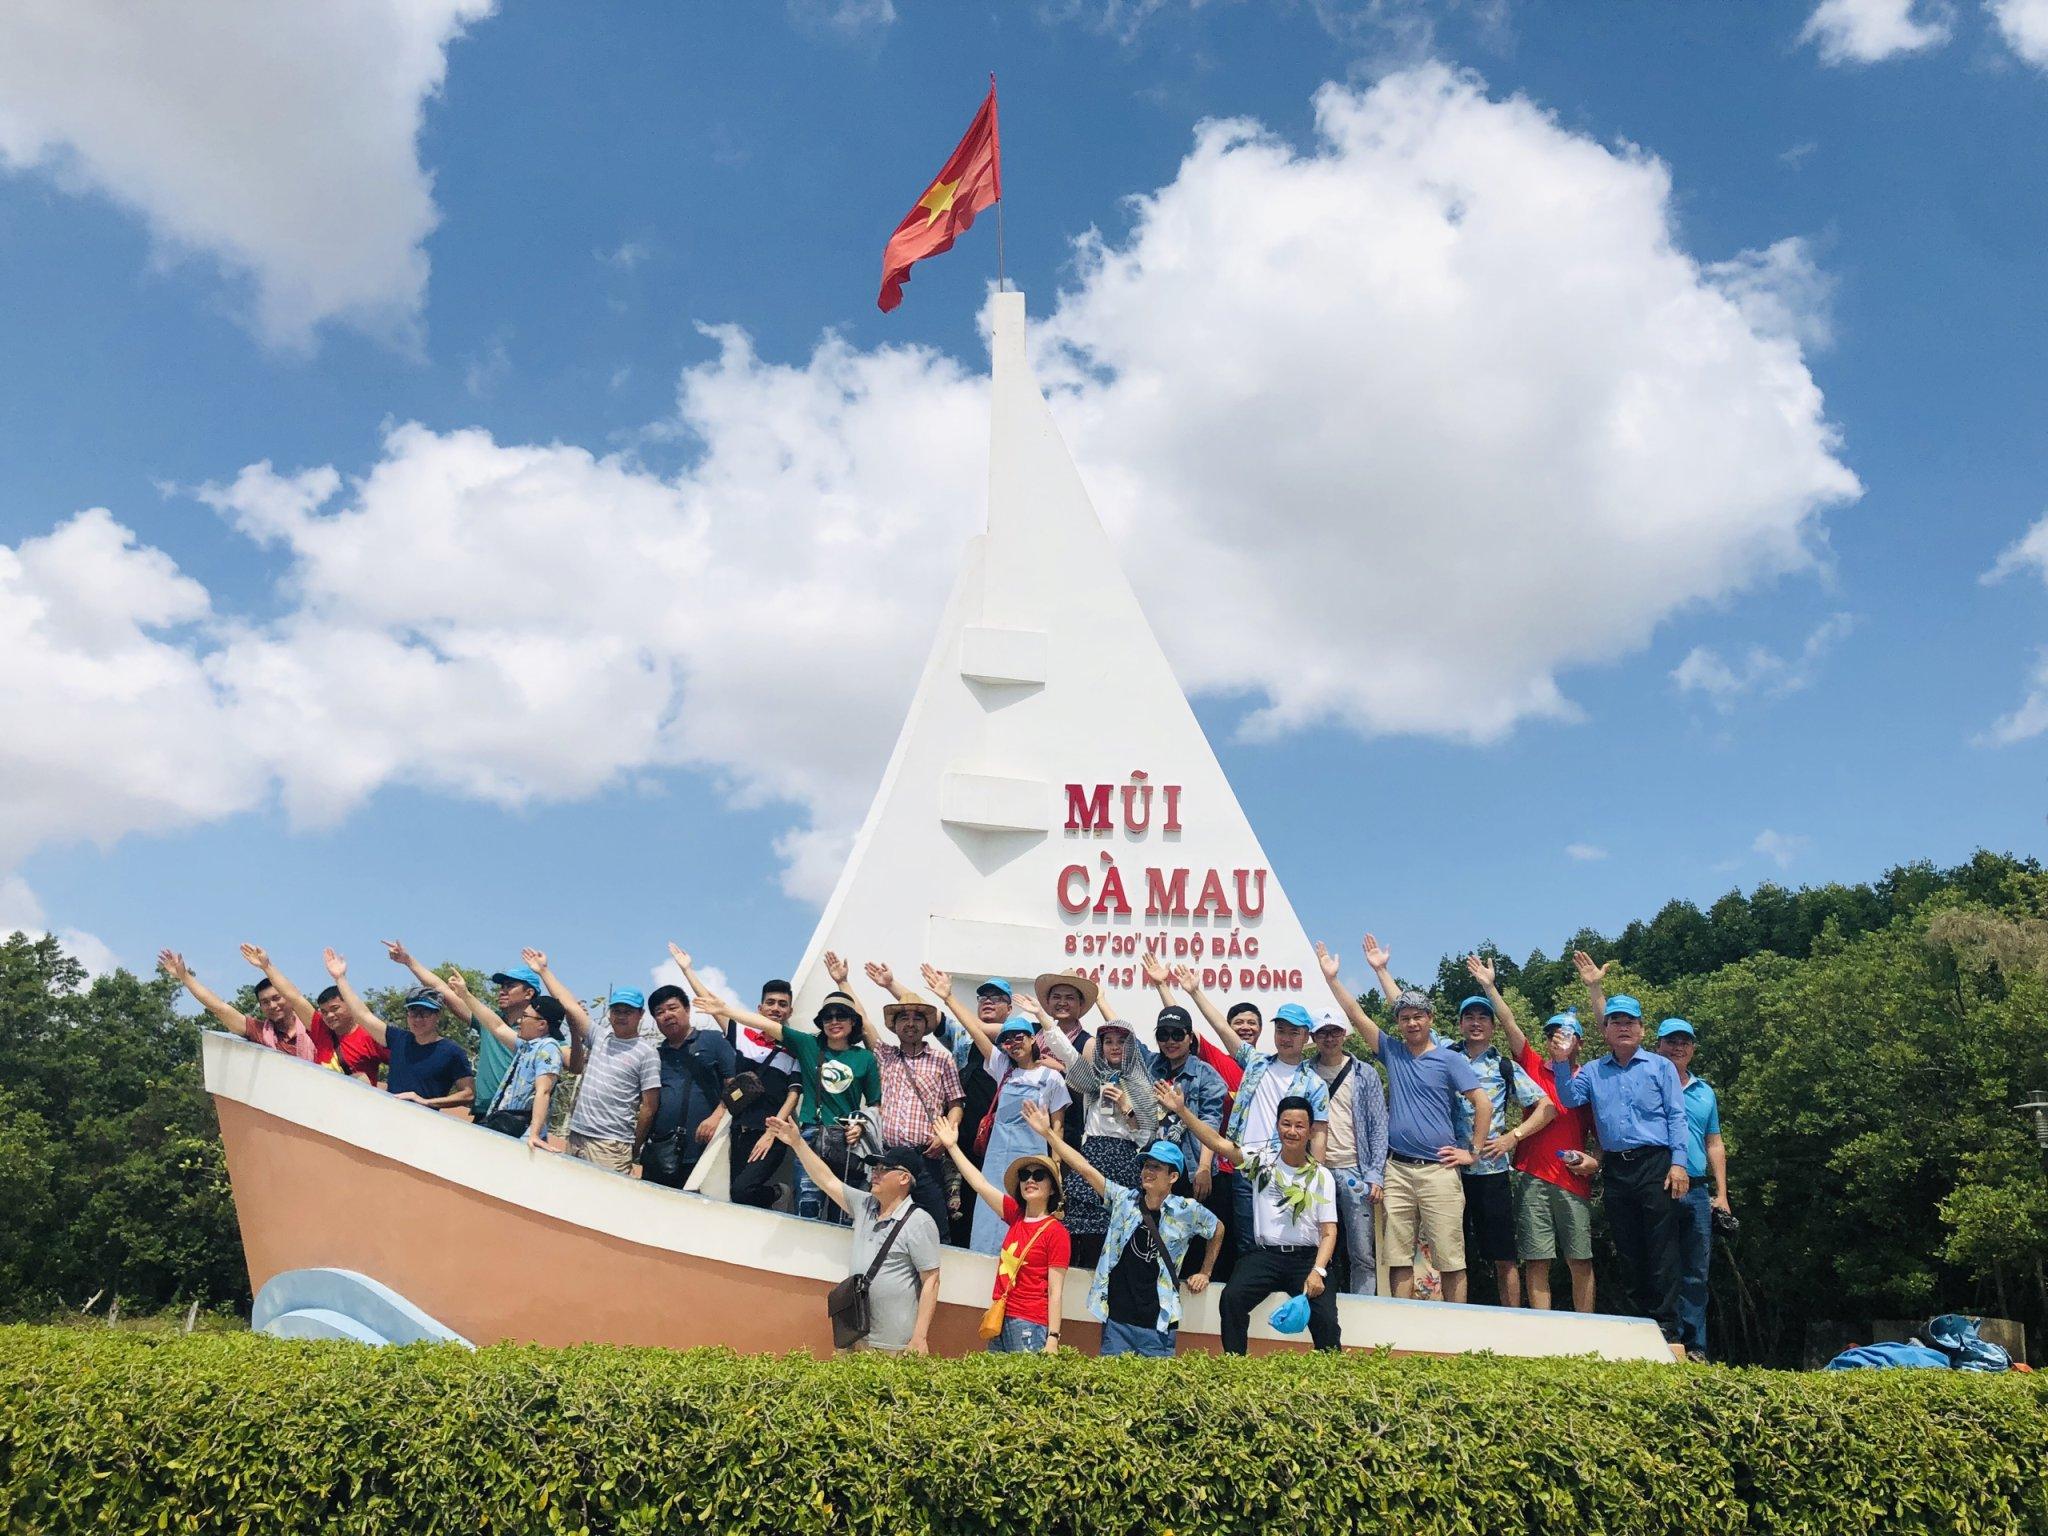 Tour đưa khách đi tham quan Đất Mũi, Cà Mau cũng khá thu hút vào dịp tết.